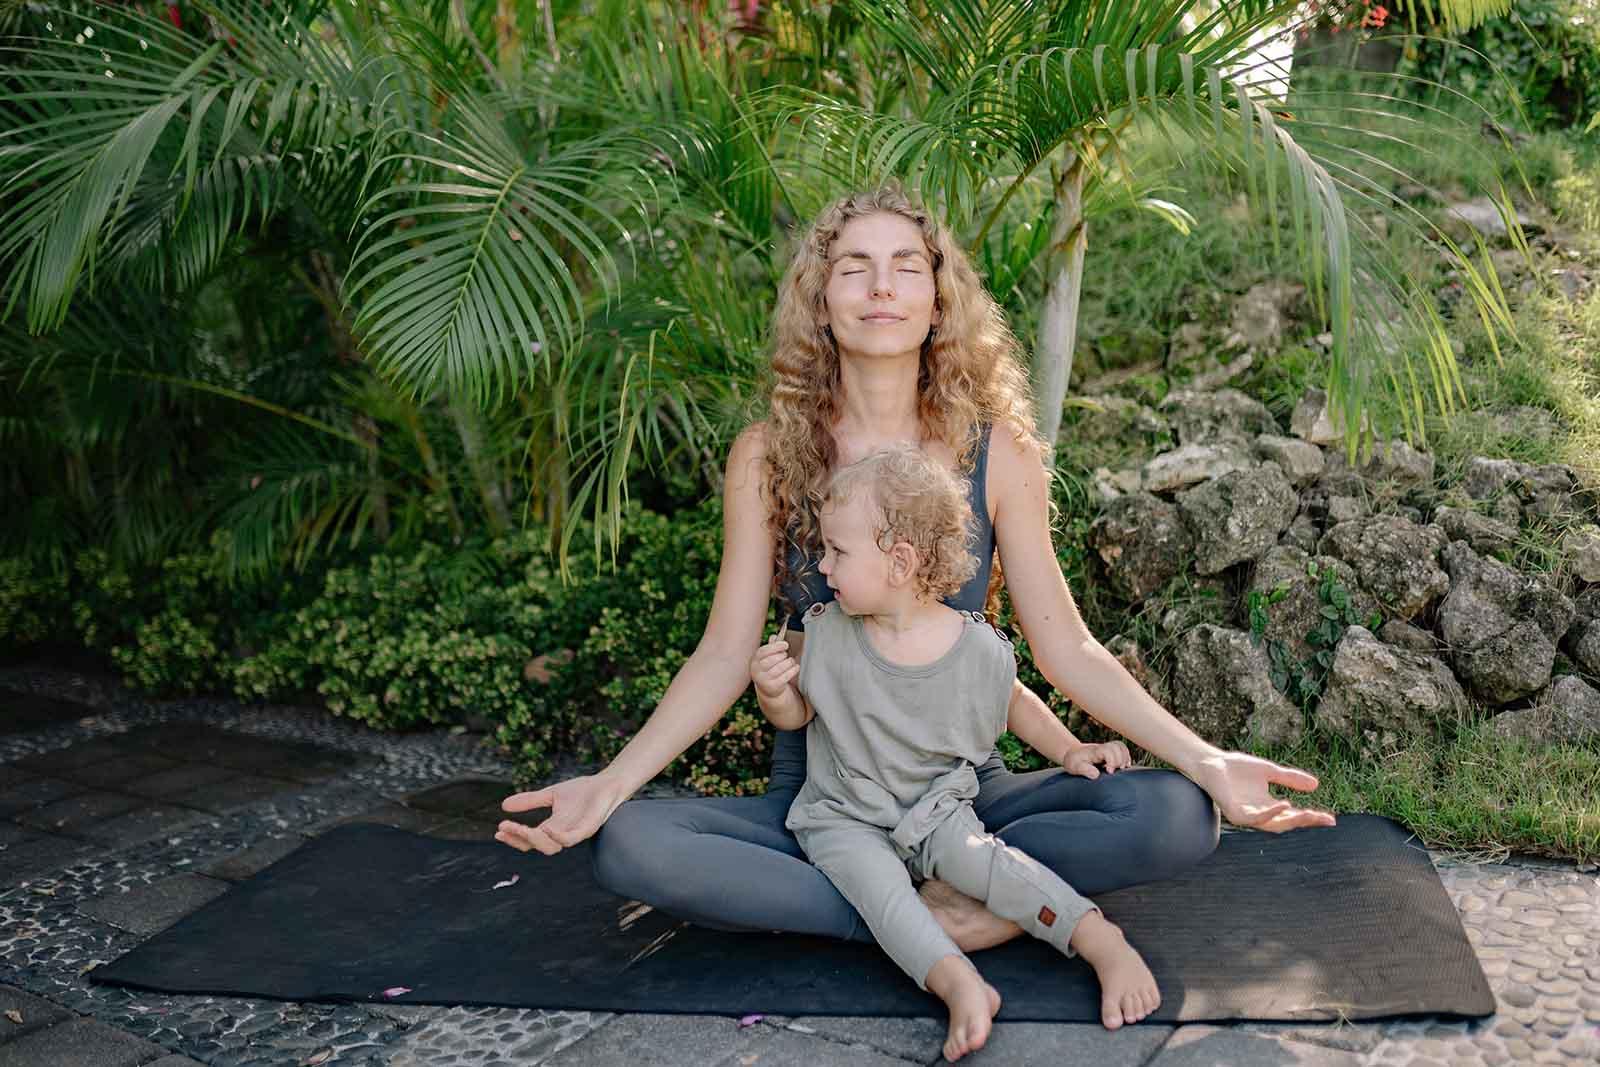 Mutter und Kind machen in Mutter Kind Kur Yoga